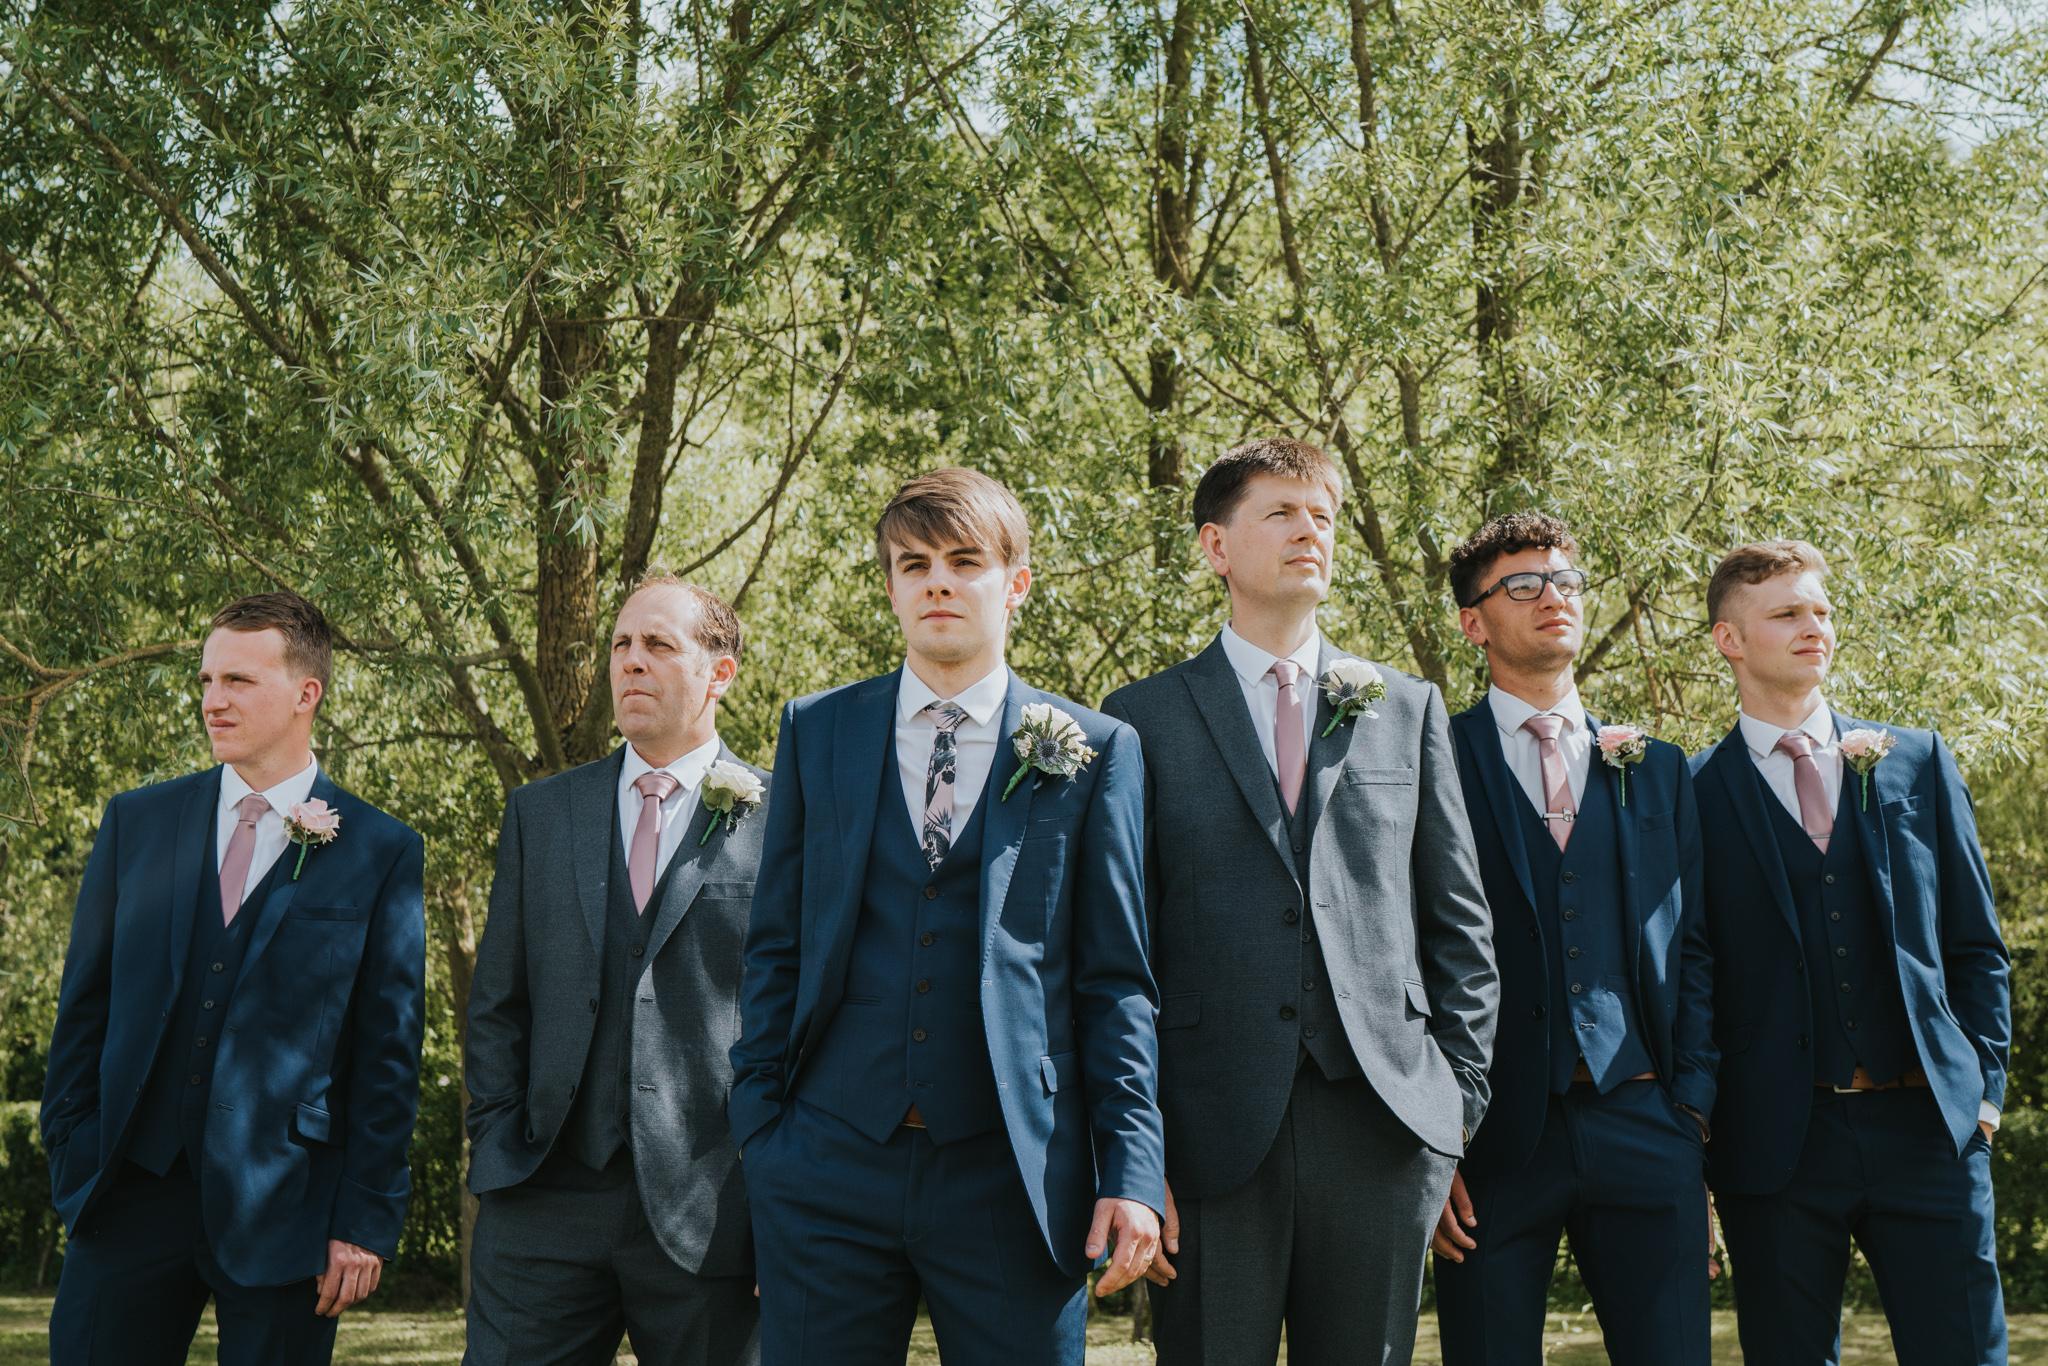 grace-elizabeth-essex-wedding-photographer-best-2018-highlights-norfolk-essex-devon-suffolk (34 of 100).jpg